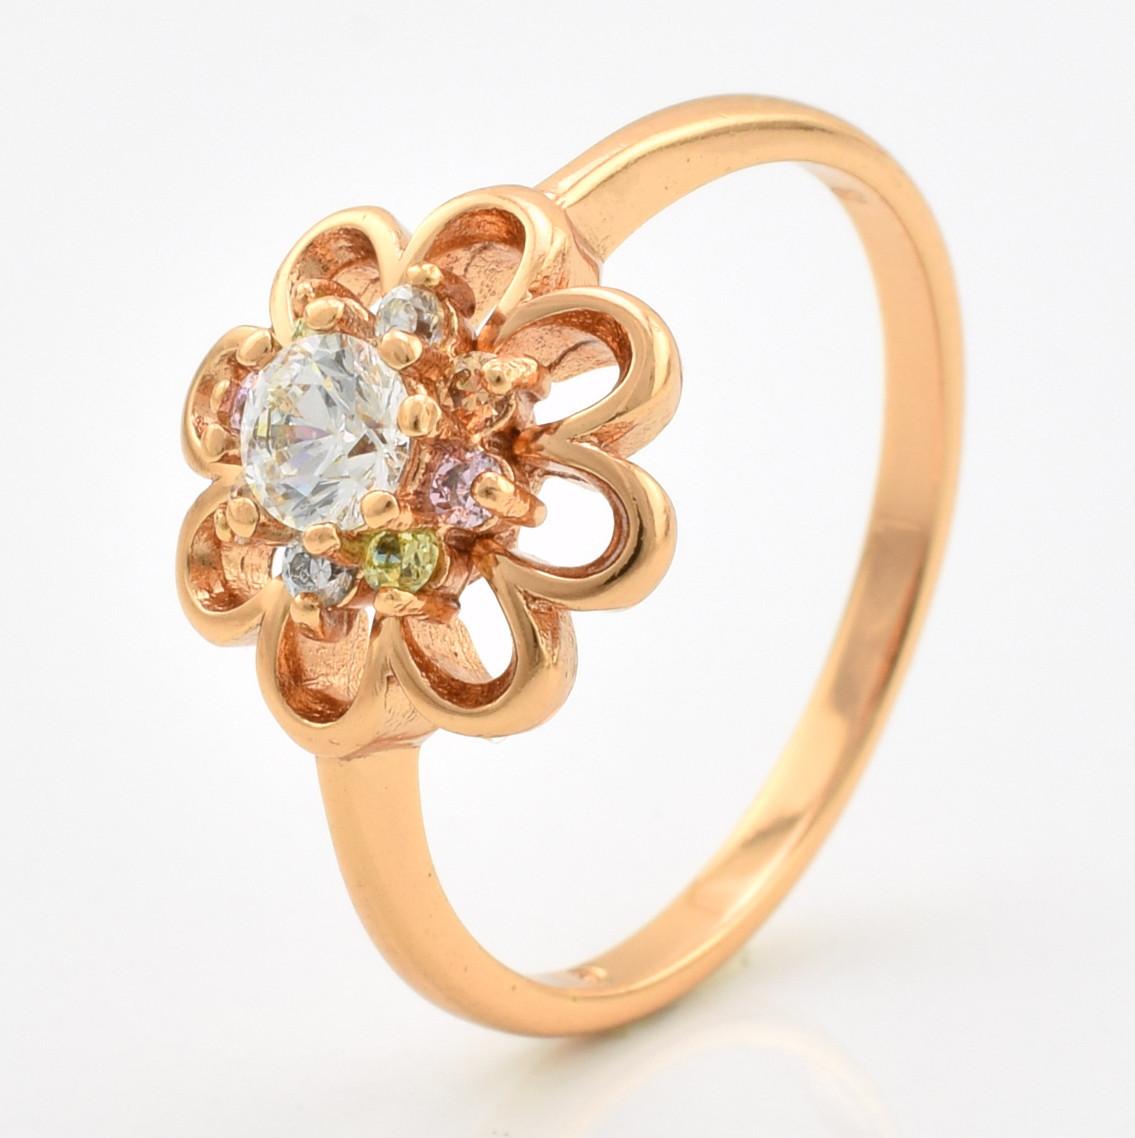 Кольцо Xuping 10559 размер 16 разноцветные фианиты позолота РО